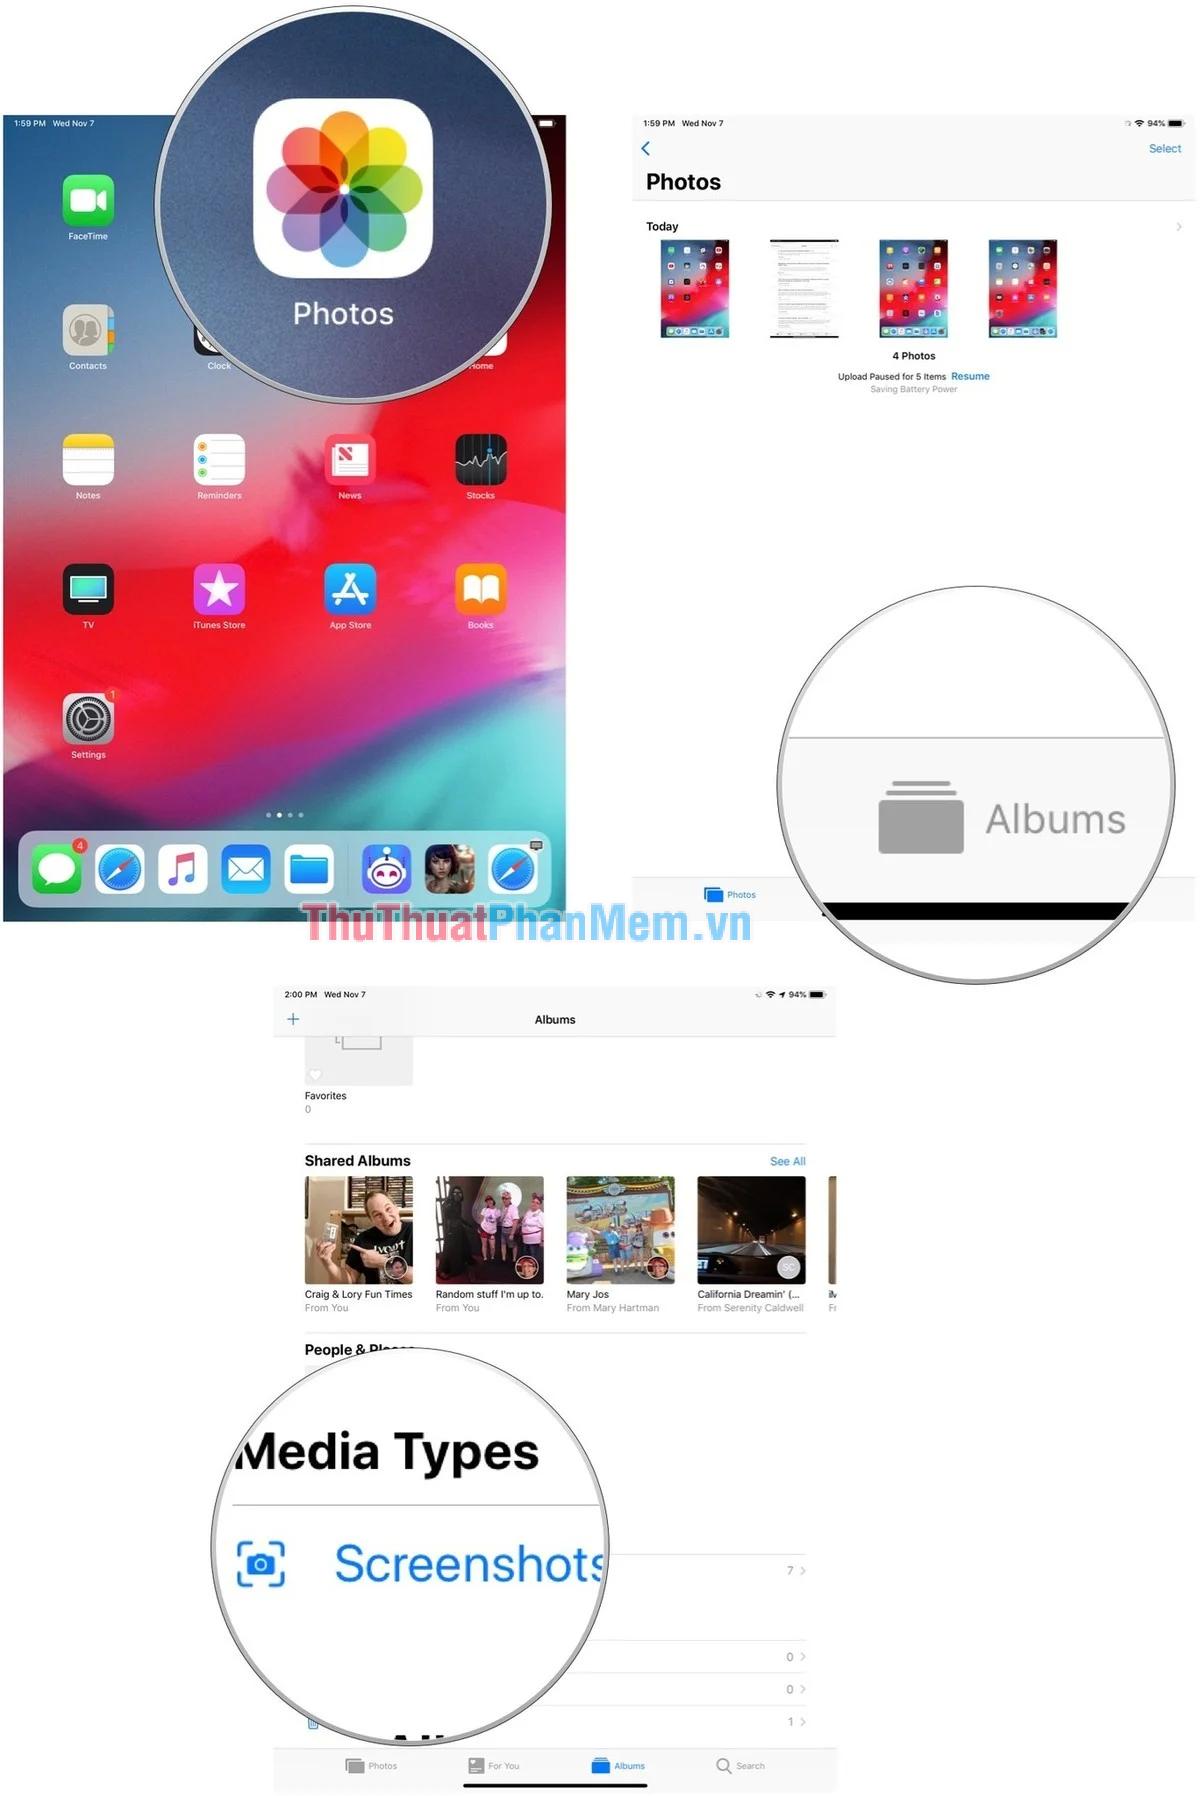 Chọn Albums Screenshot (Ảnh chụp màn hình) để xem